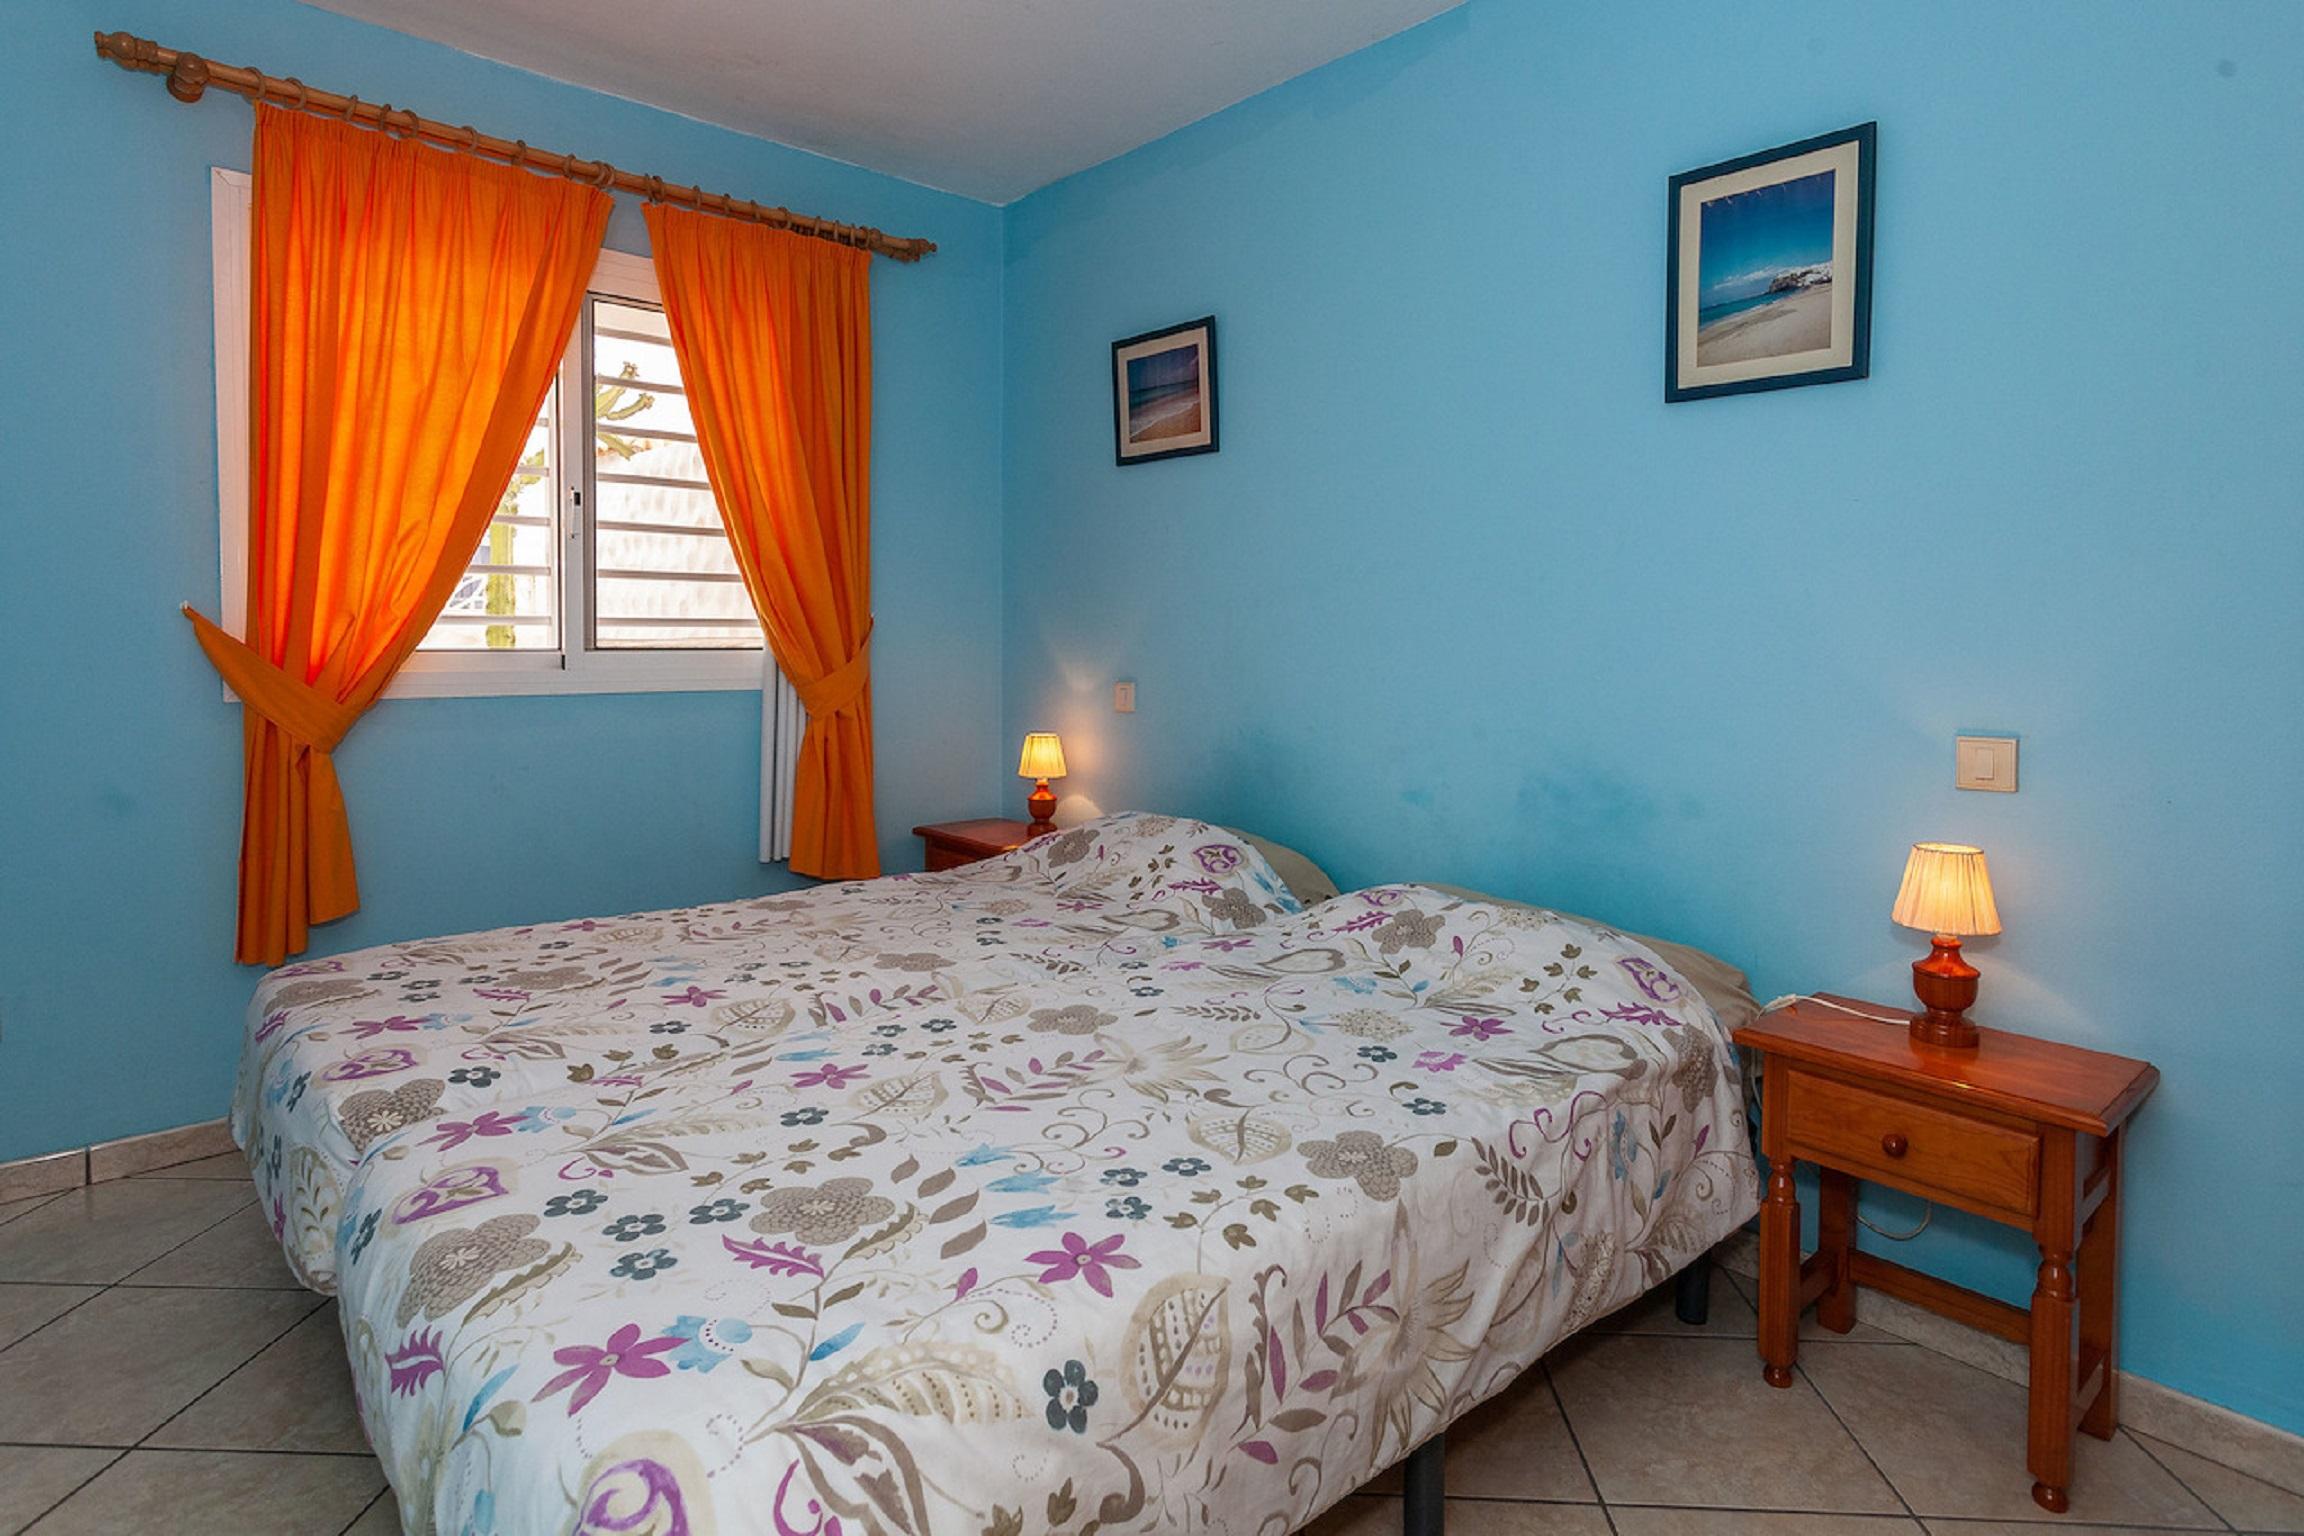 Ferienwohnung Apartment in Strandnhe mit groer Terrasse, Wlan und Parkplatz (2628896), Costa Calma, Fuerteventura, Kanarische Inseln, Spanien, Bild 18